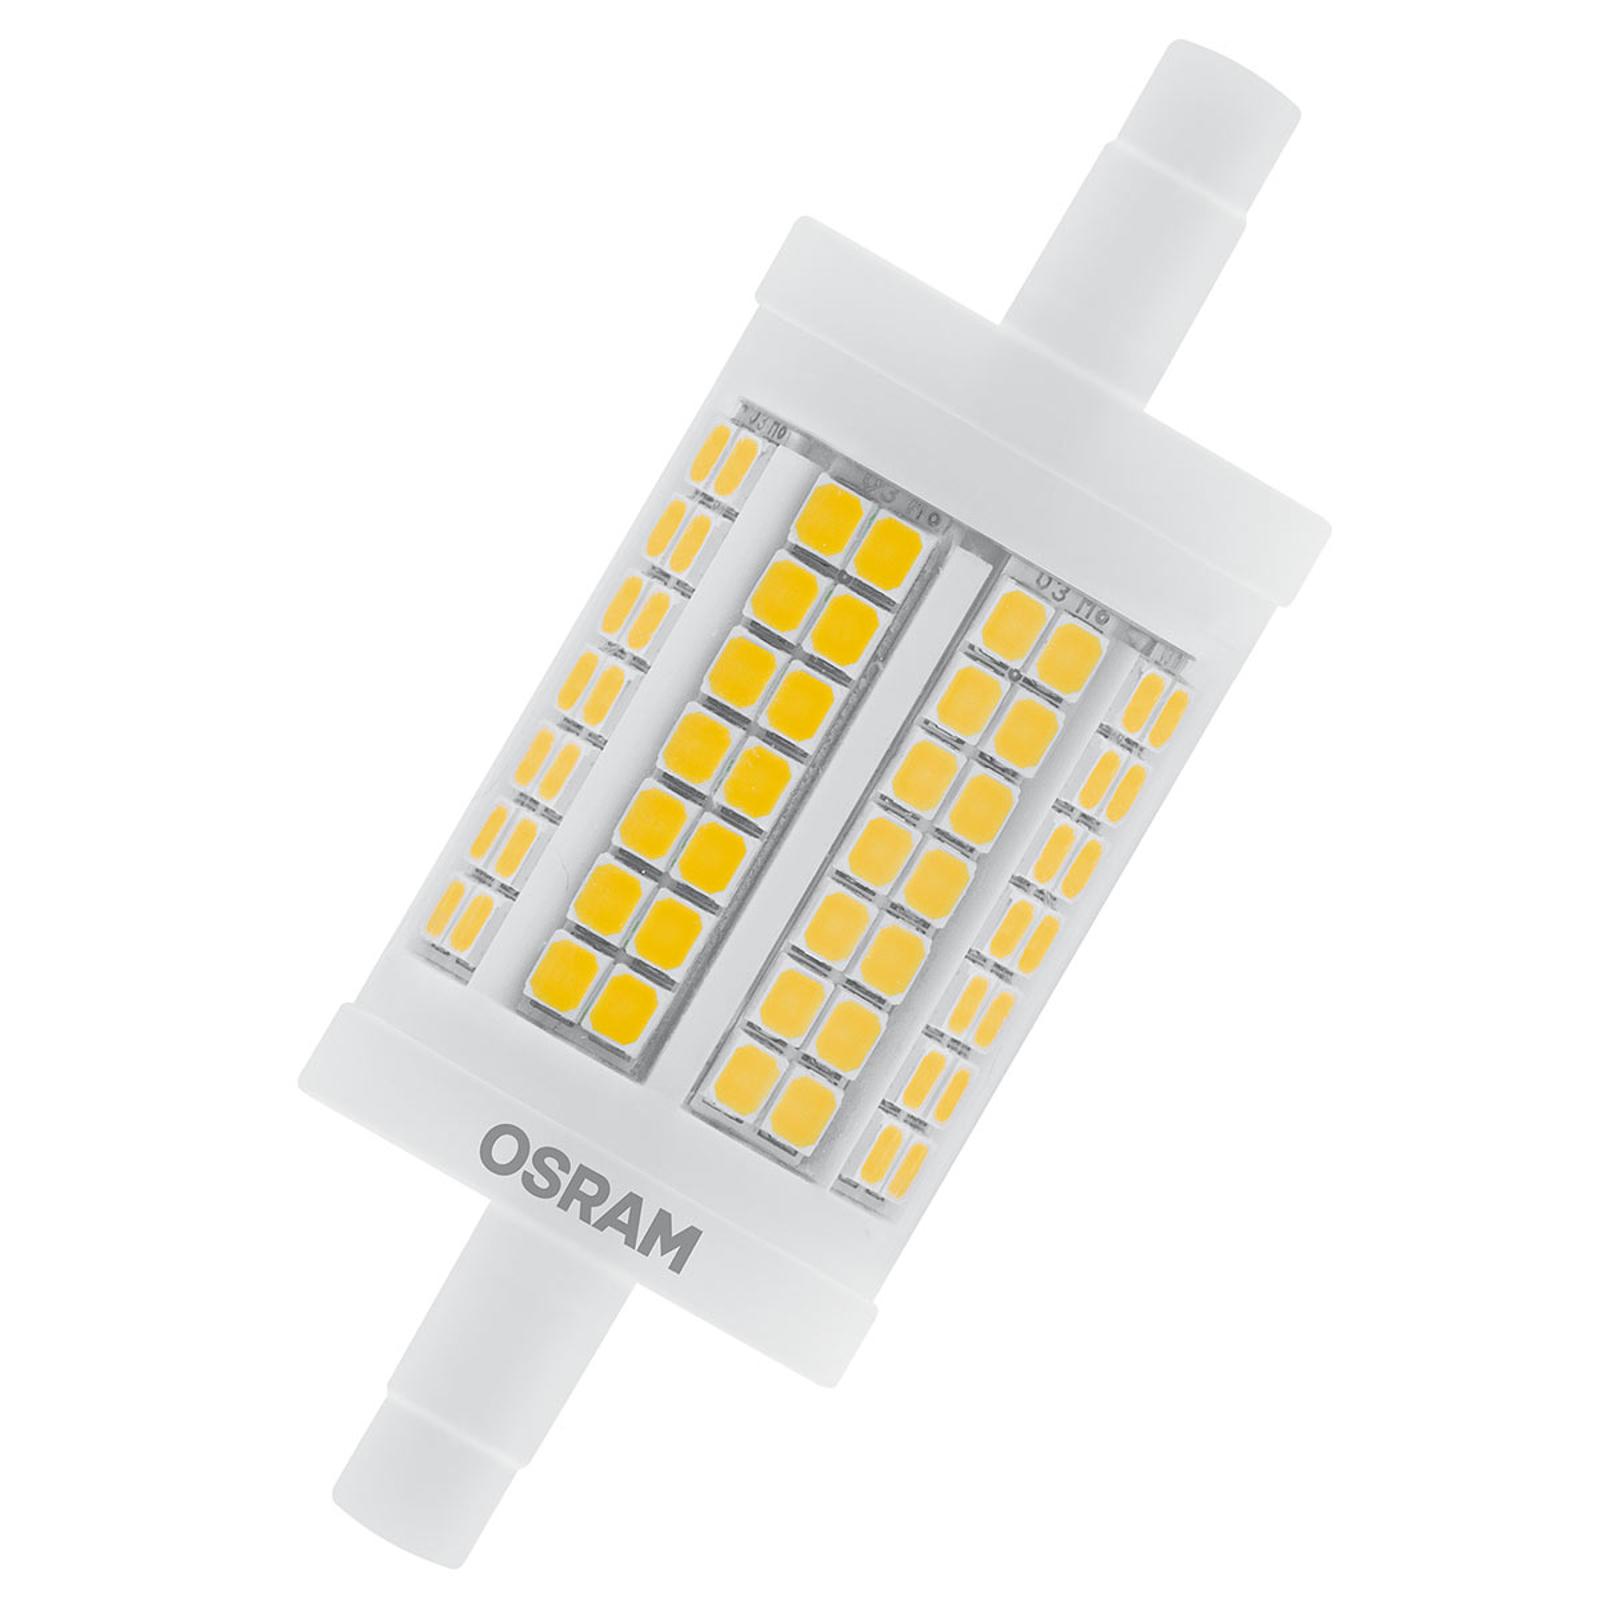 OSRAM żarówka prętowa LED R7s 11,5W 7,8cm 827